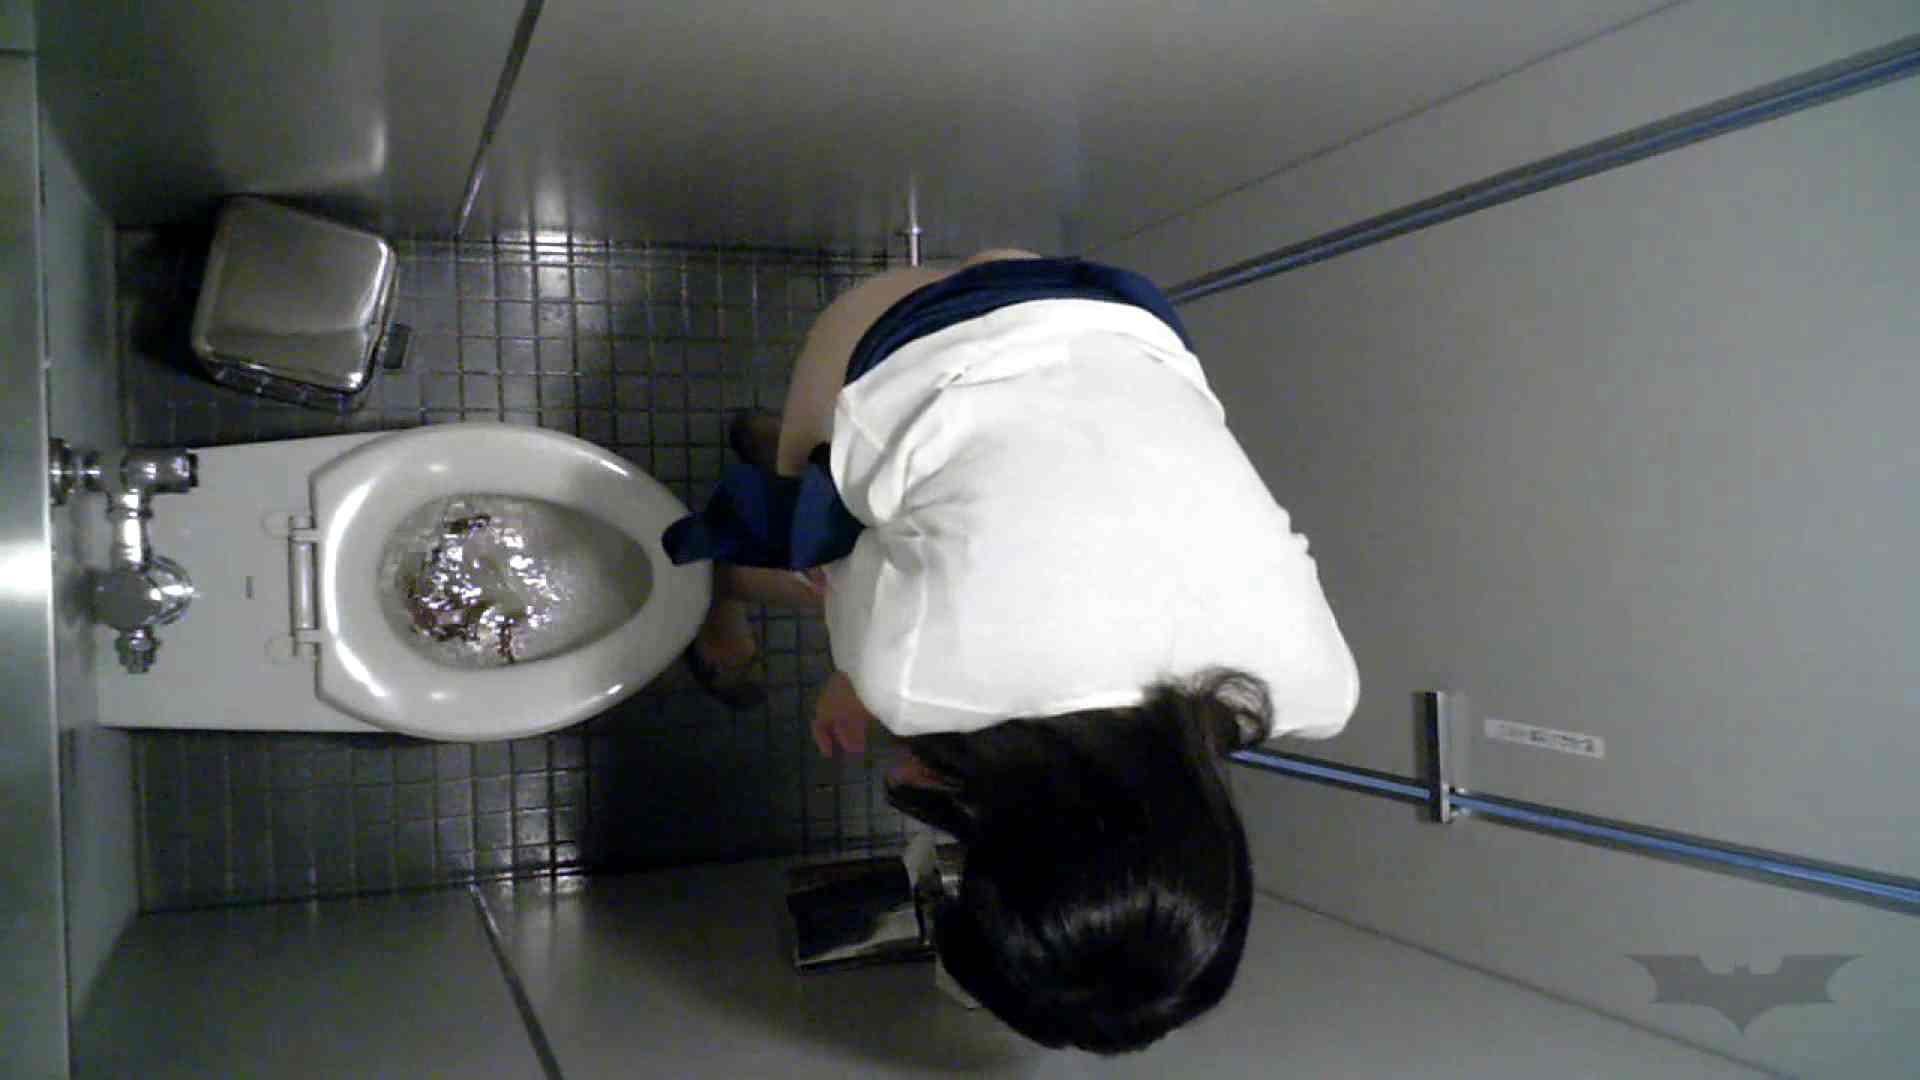 有名大学女性洗面所 vol.36 すっごい「ほじって」ます。 洗面所 覗き性交動画流出 44pic 9